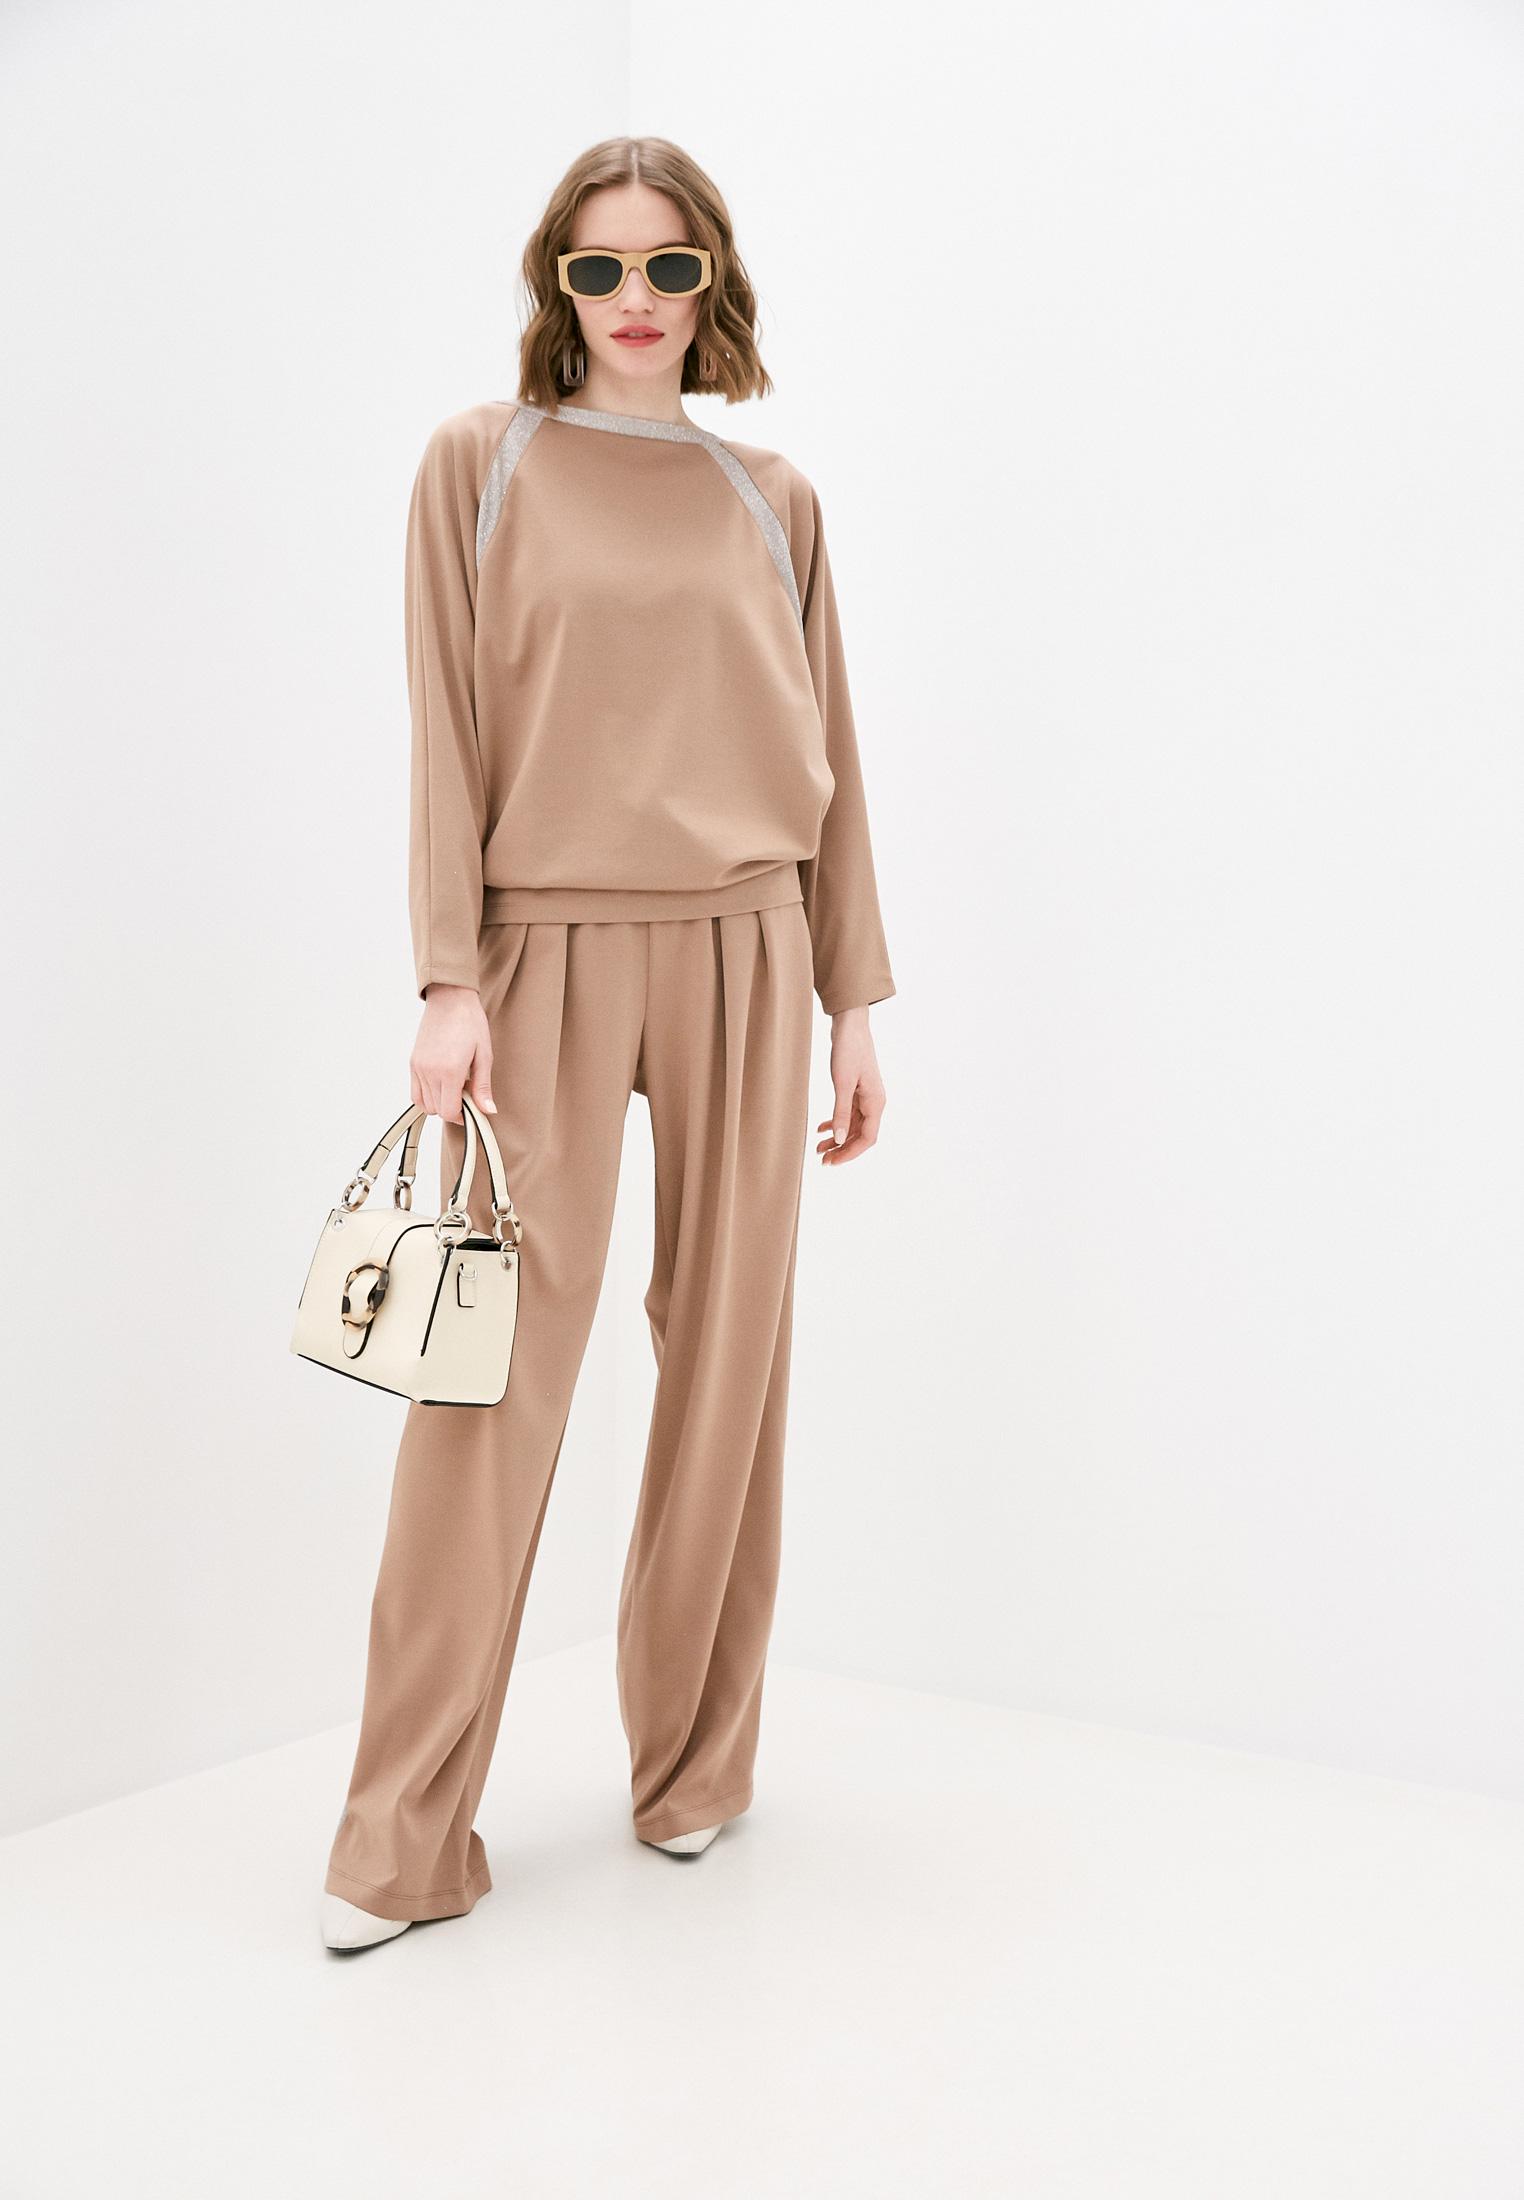 Женские широкие и расклешенные брюки Nataliy Beate Брюки мод 509 а: изображение 2